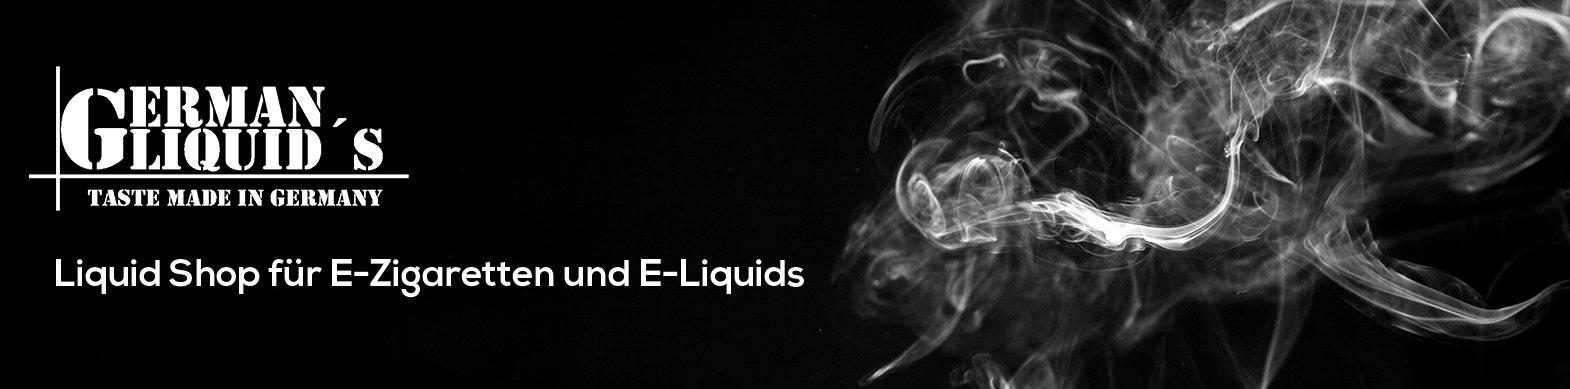 Germanliquids-Slider-Webseite-Neu